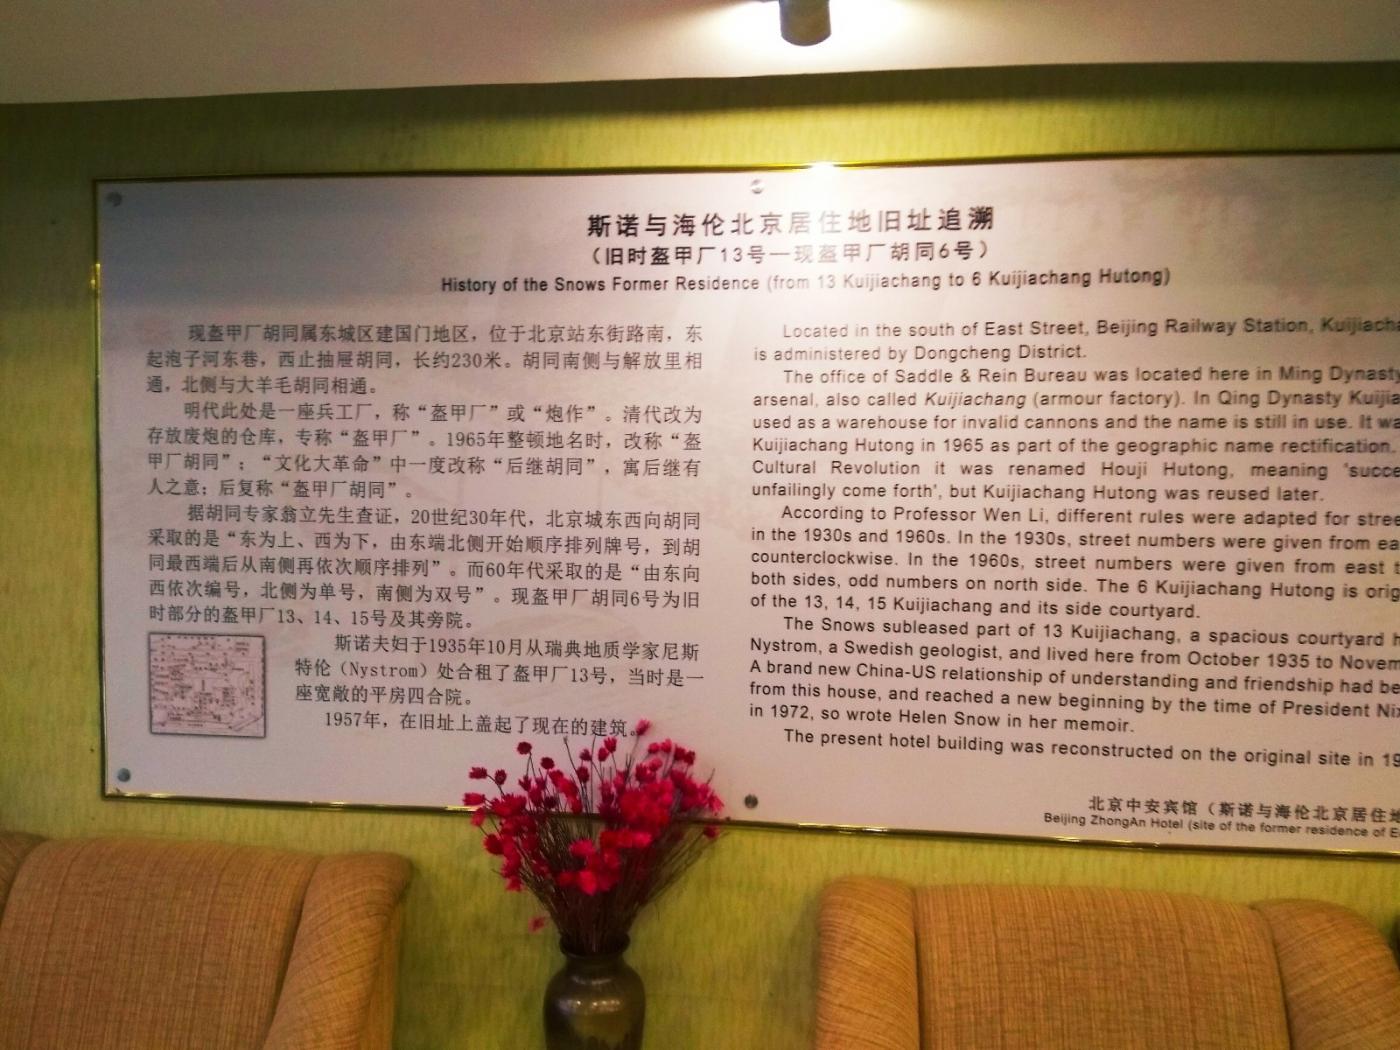 埃德加·斯诺北京居住地旧址(图)_图1-16